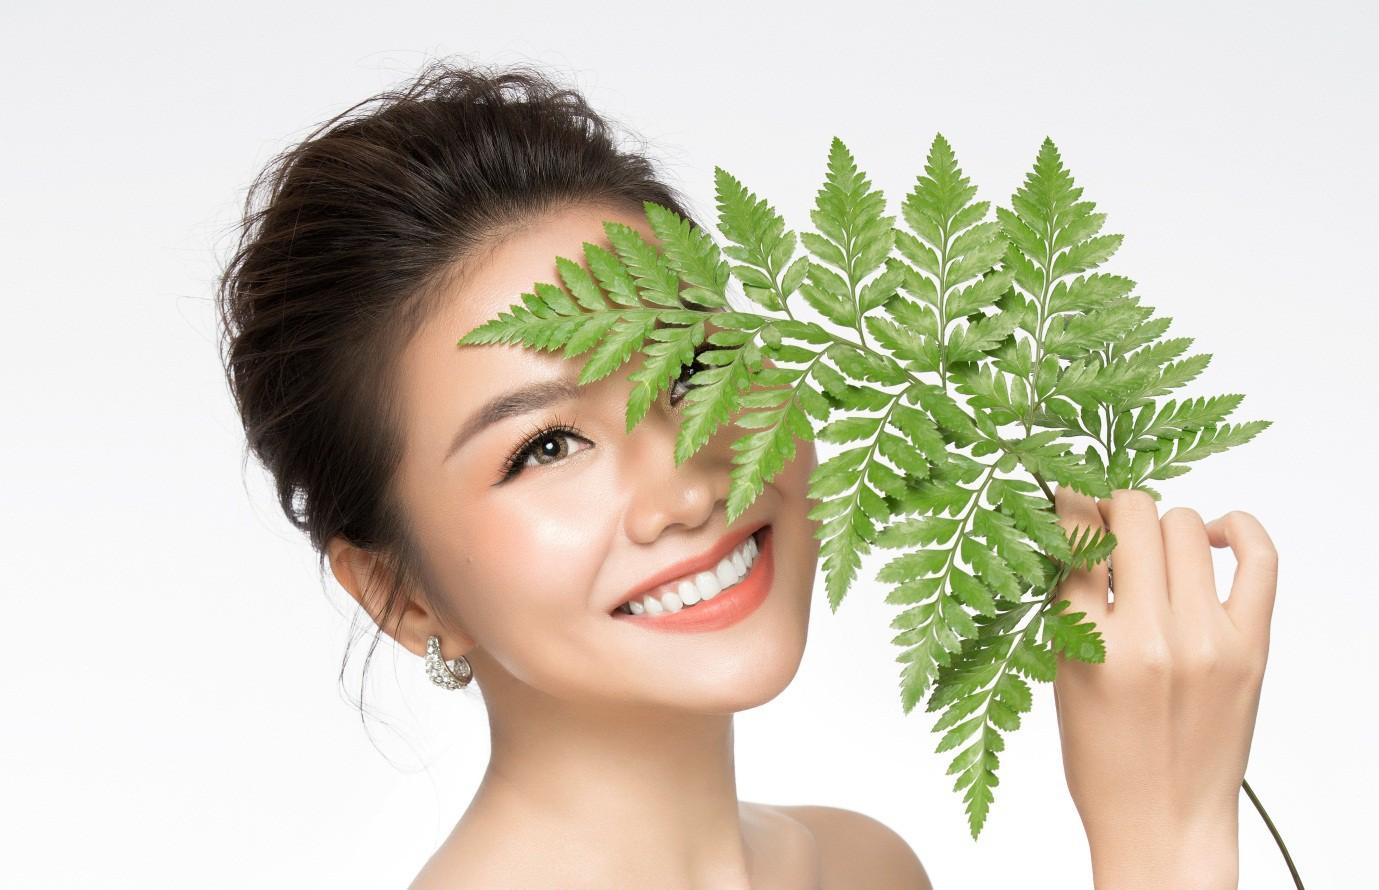 """Với khả năng chống oxy hóa tập trung và chống viêm hiệu quả, cây dương xỉ đã """"lọt vào mắt xanh"""" của các nhà sản xuất dược mỹ phẩm (Nguồn_ Sakura)."""